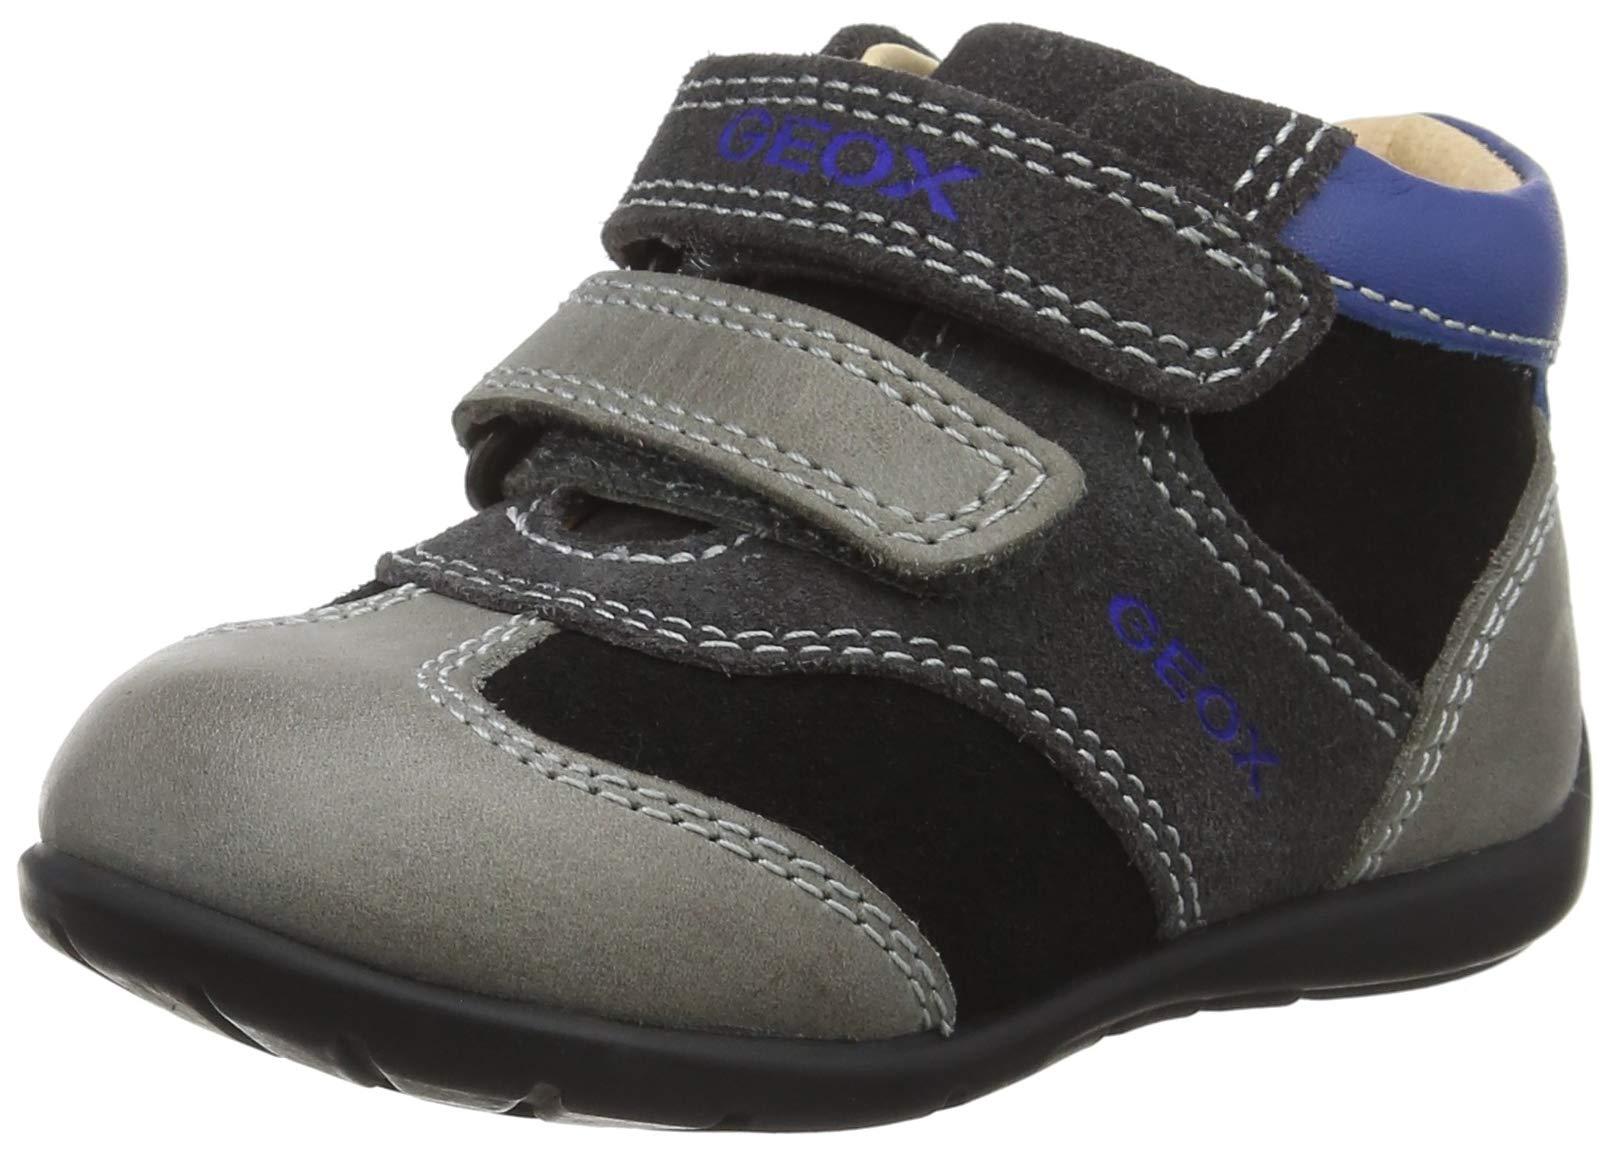 Geox Kids' Kaytan Boy 36 Leather Bootie Sneaker